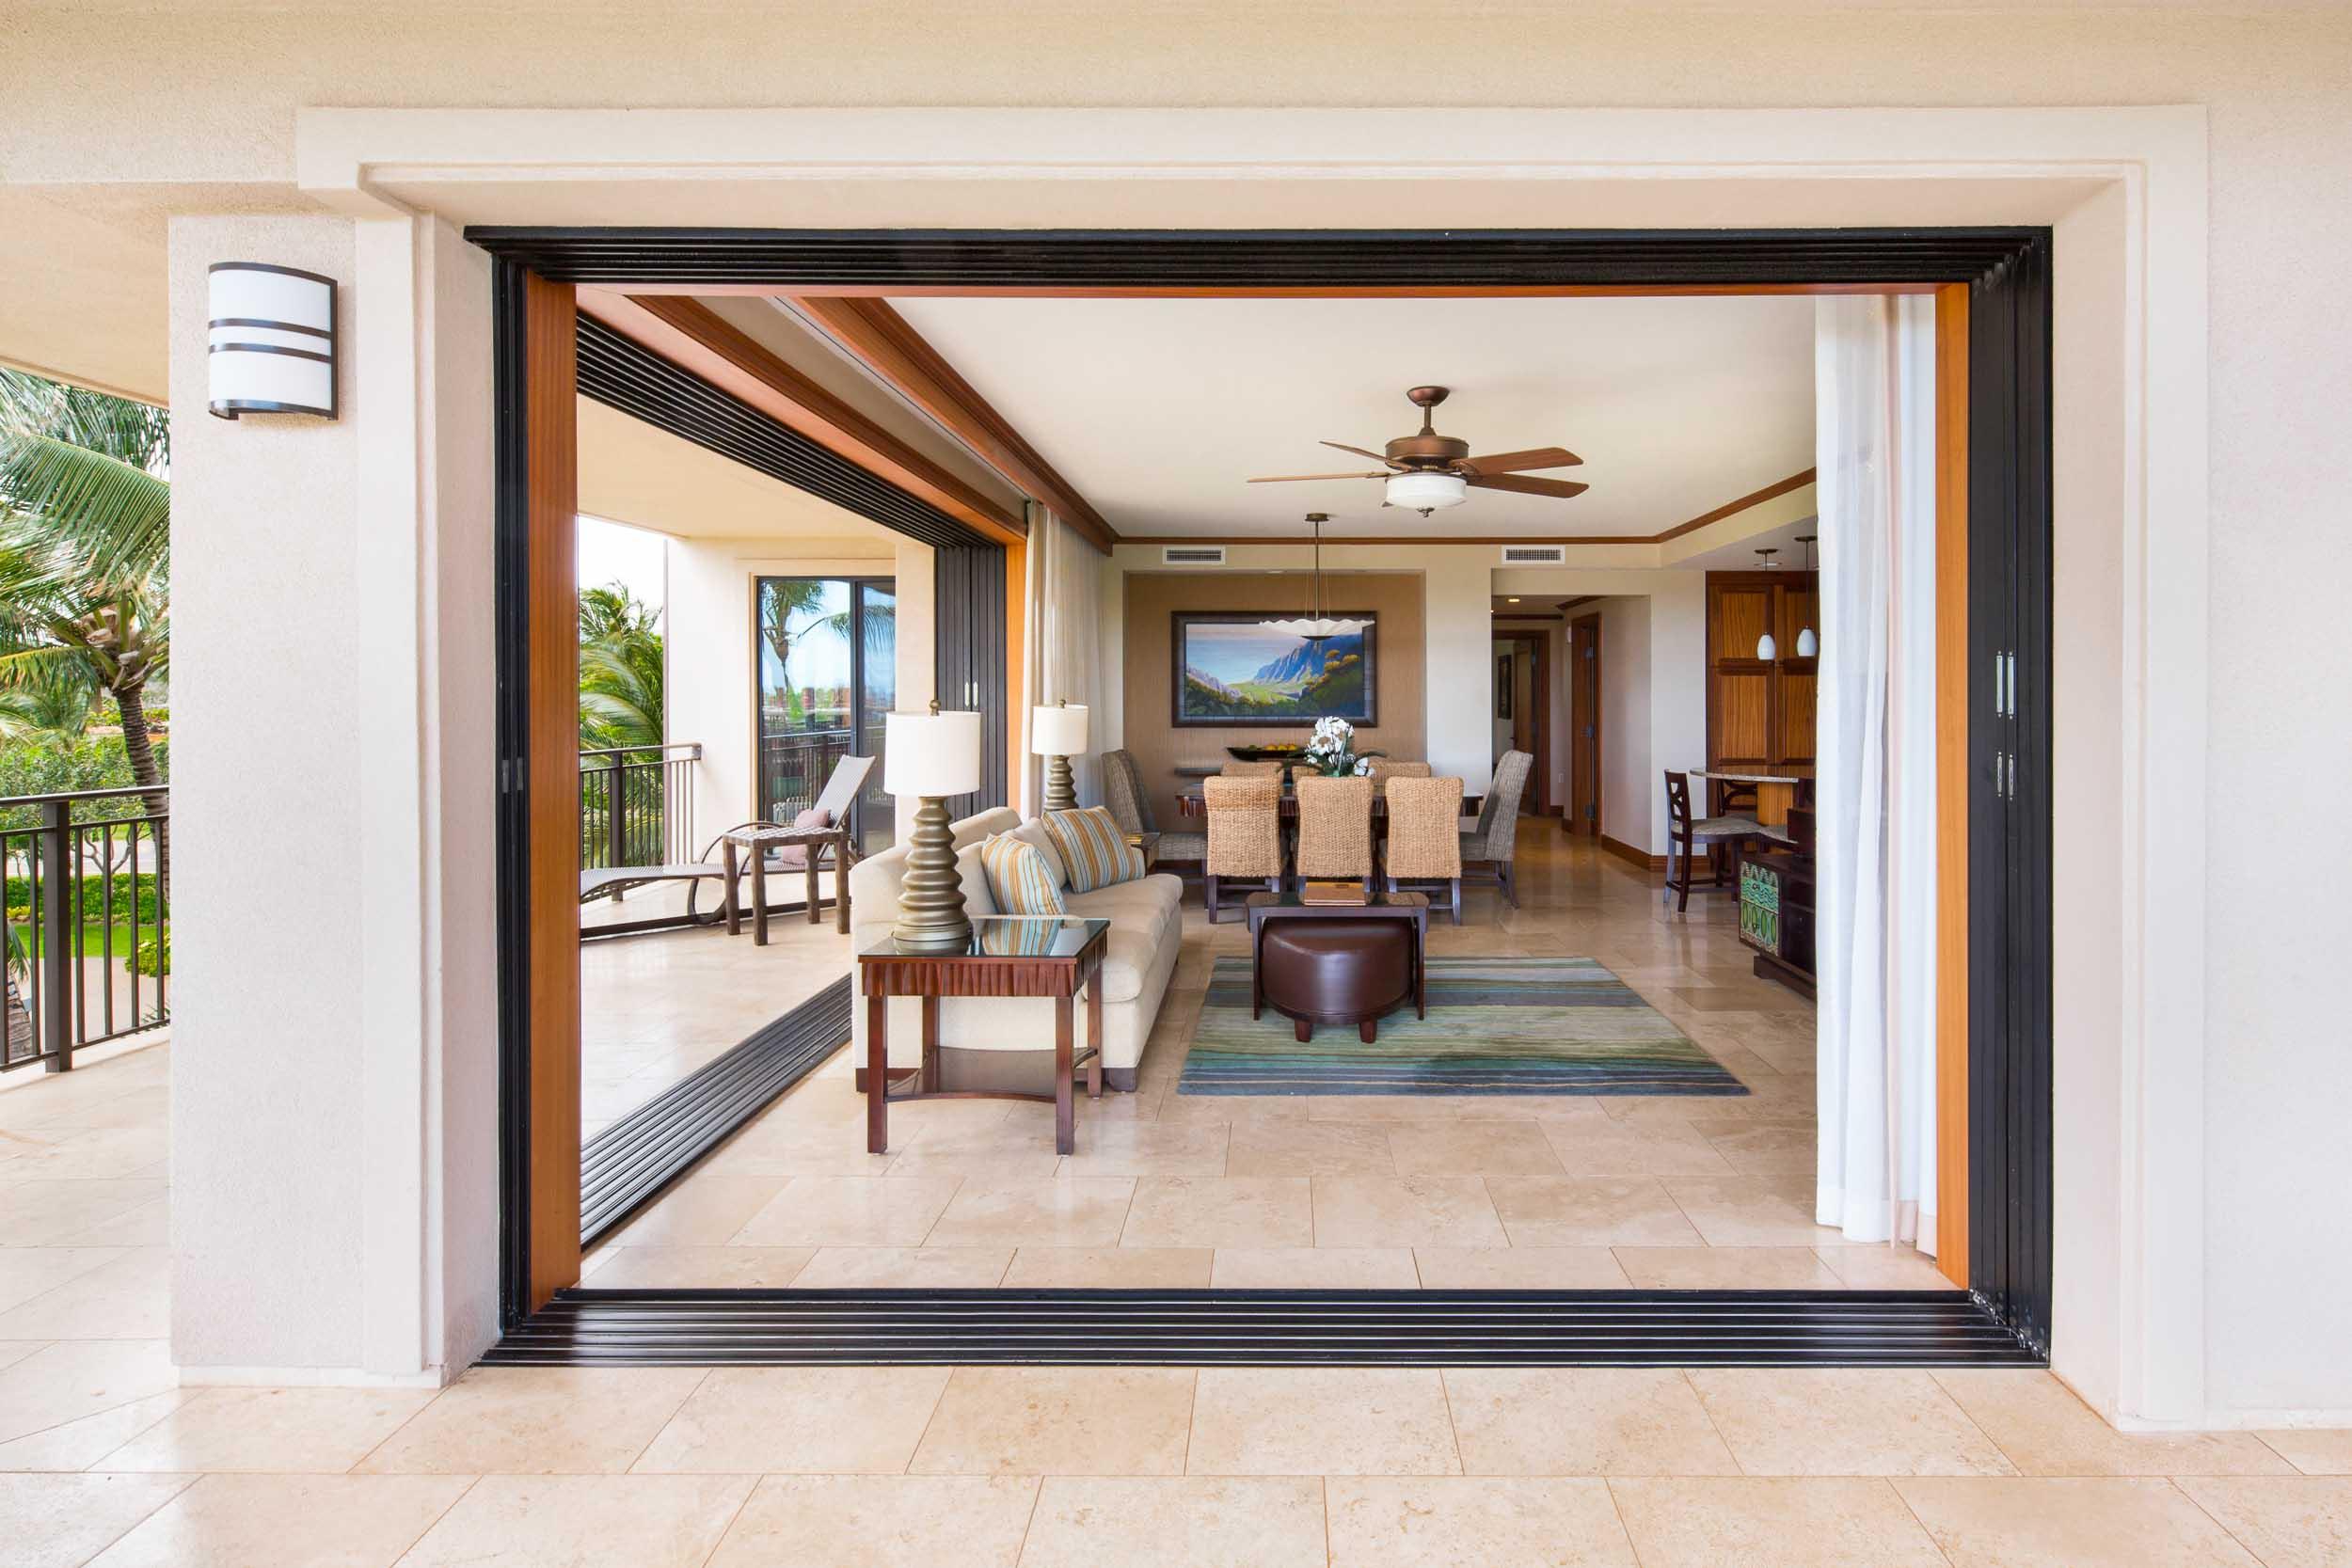 hawaiiresorts_180805_005_2500p.jpg